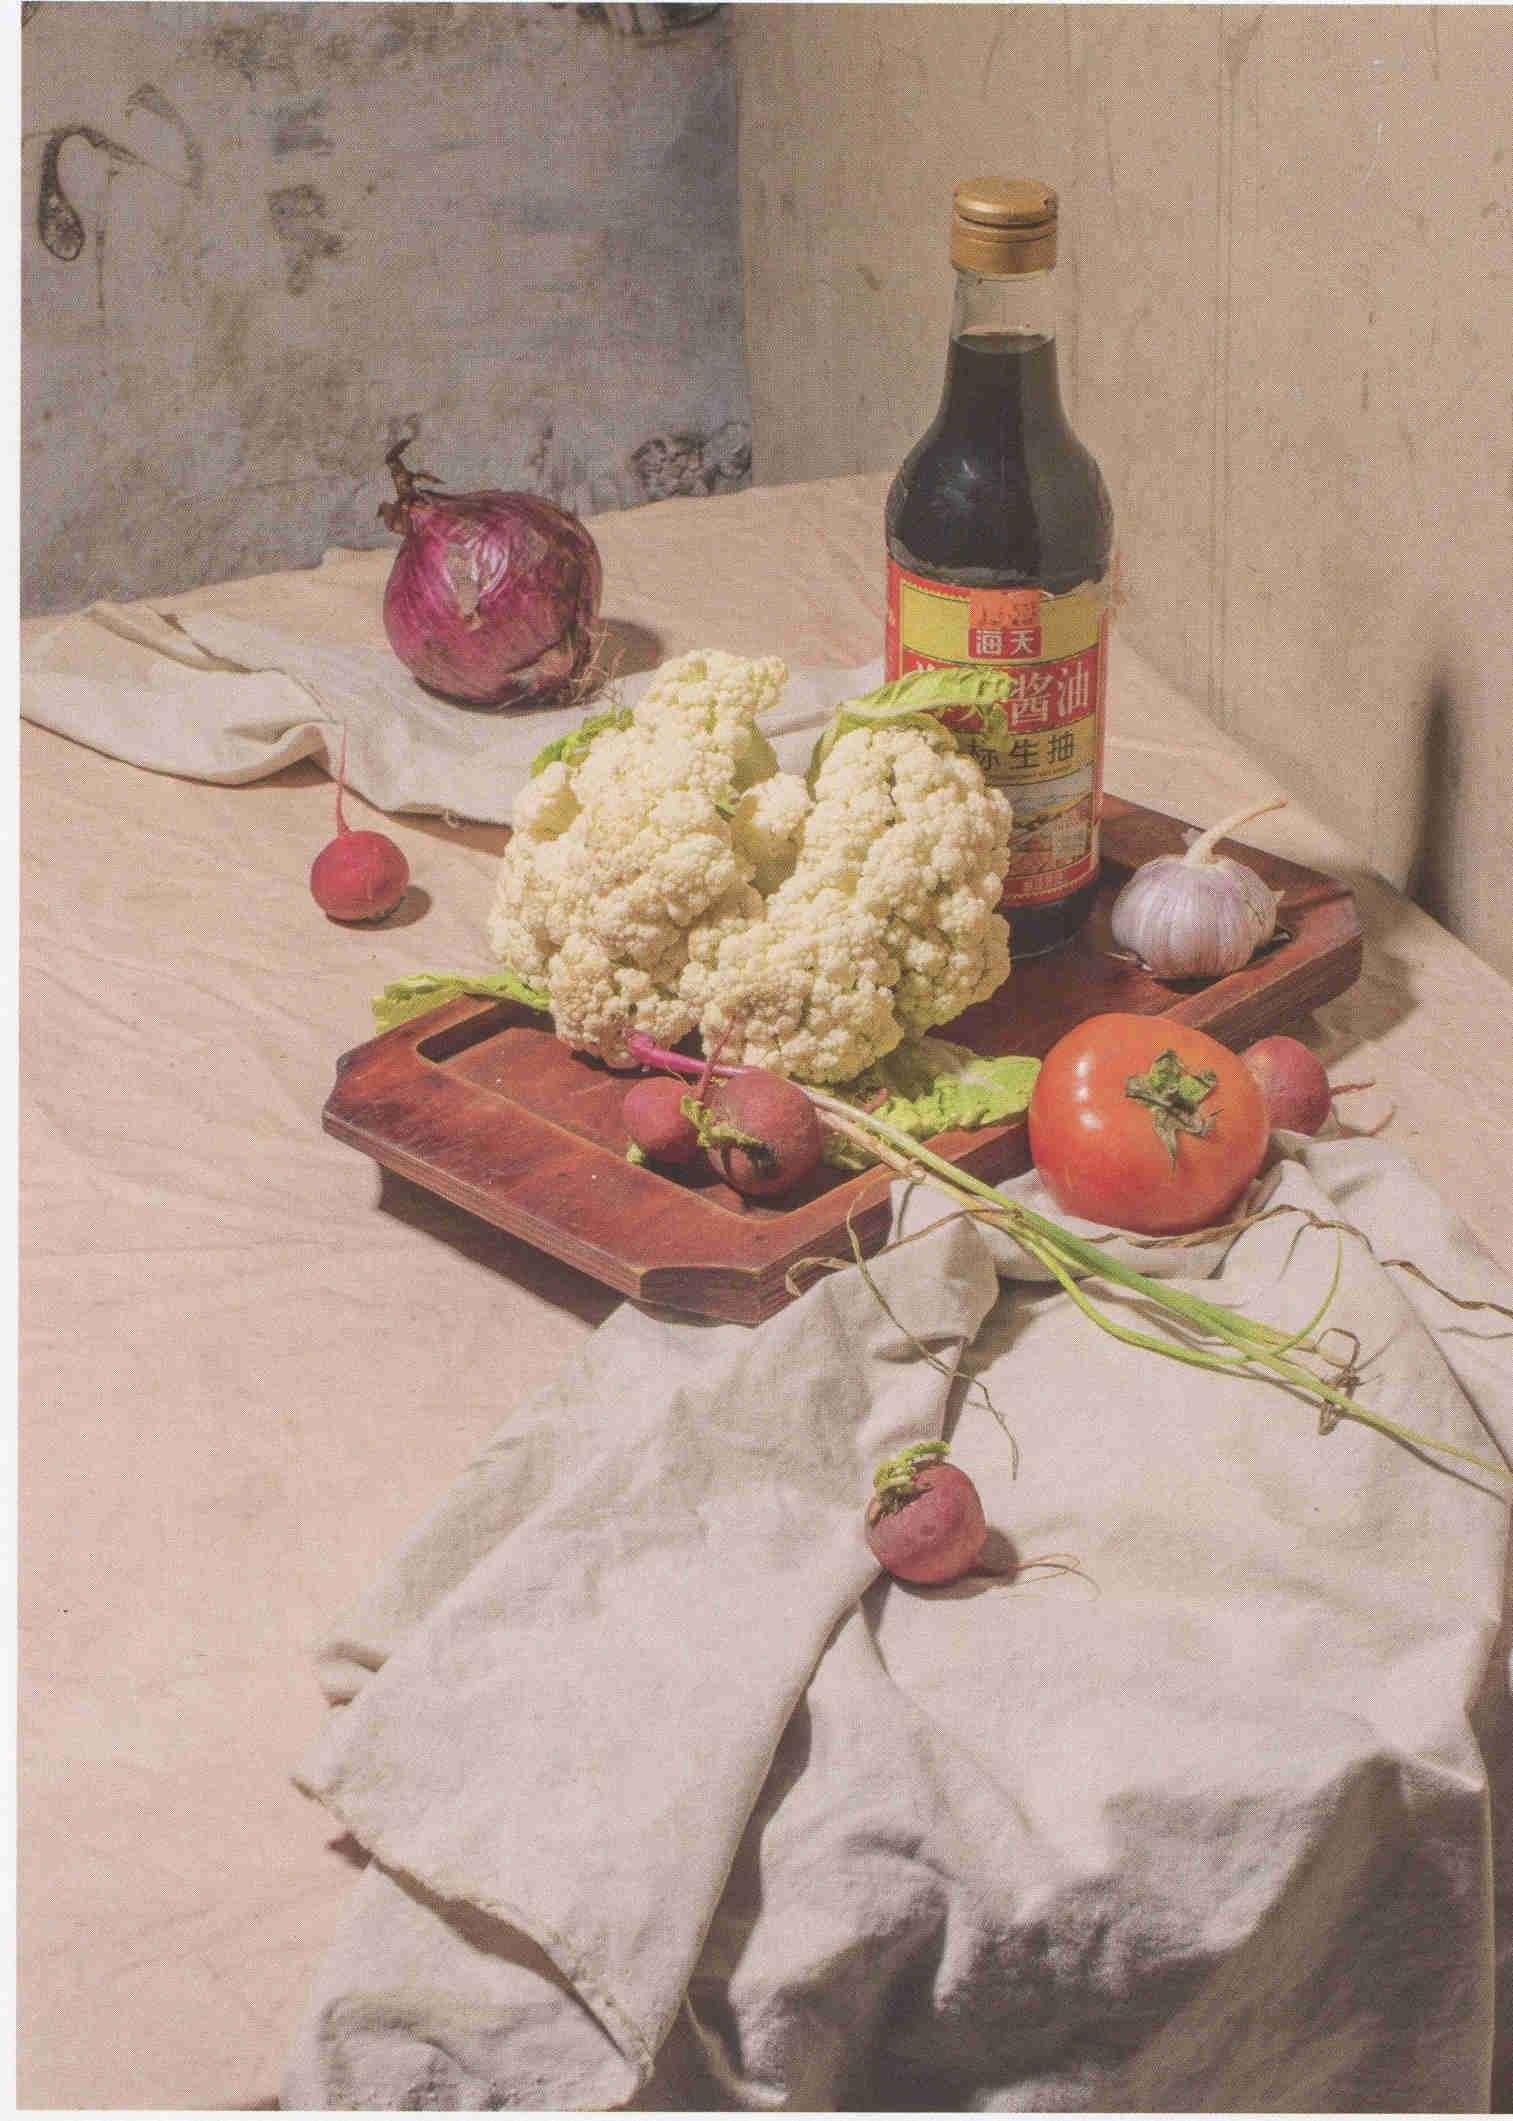 素描酱油瓶、菜花、西红柿组合实物图道具 超清